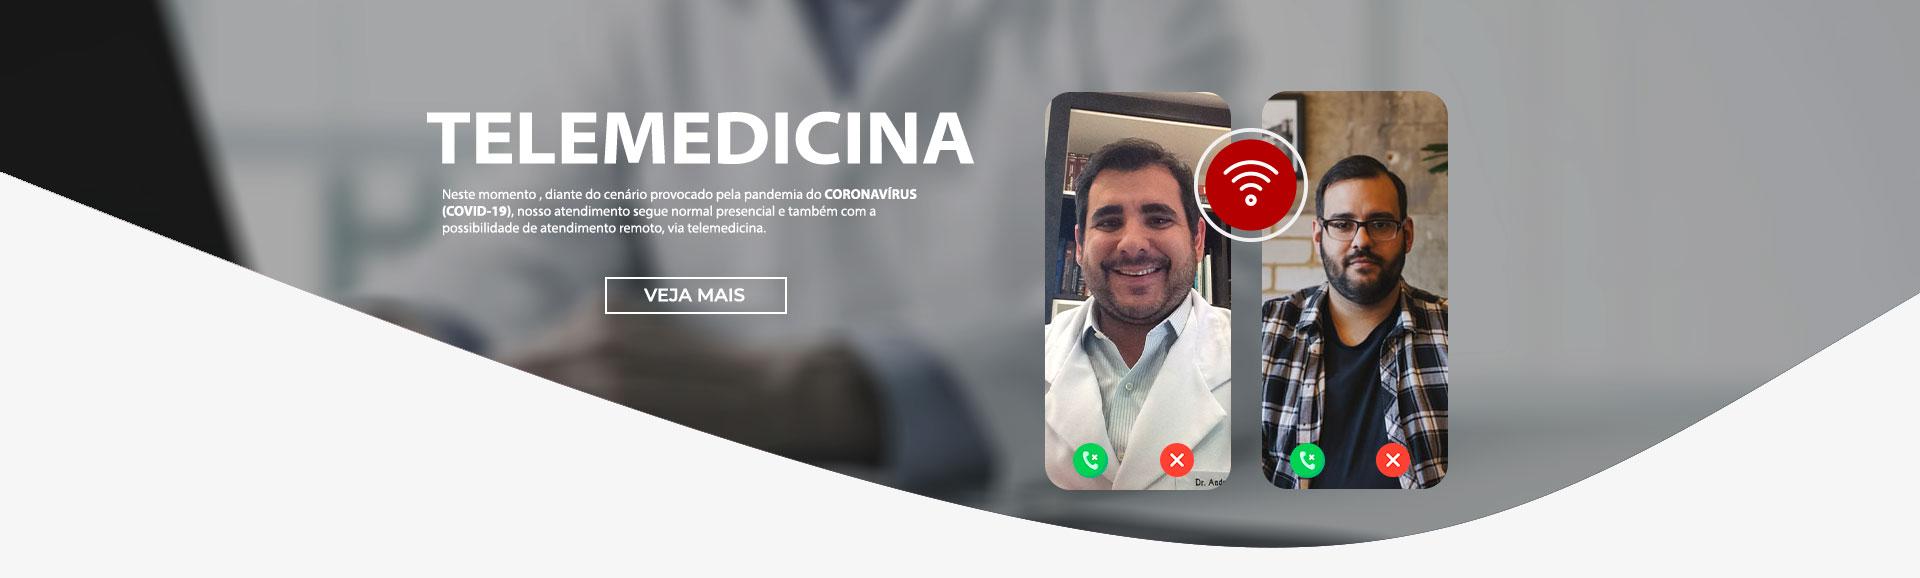 Telemedicina | Dr. André Potenza Desktop